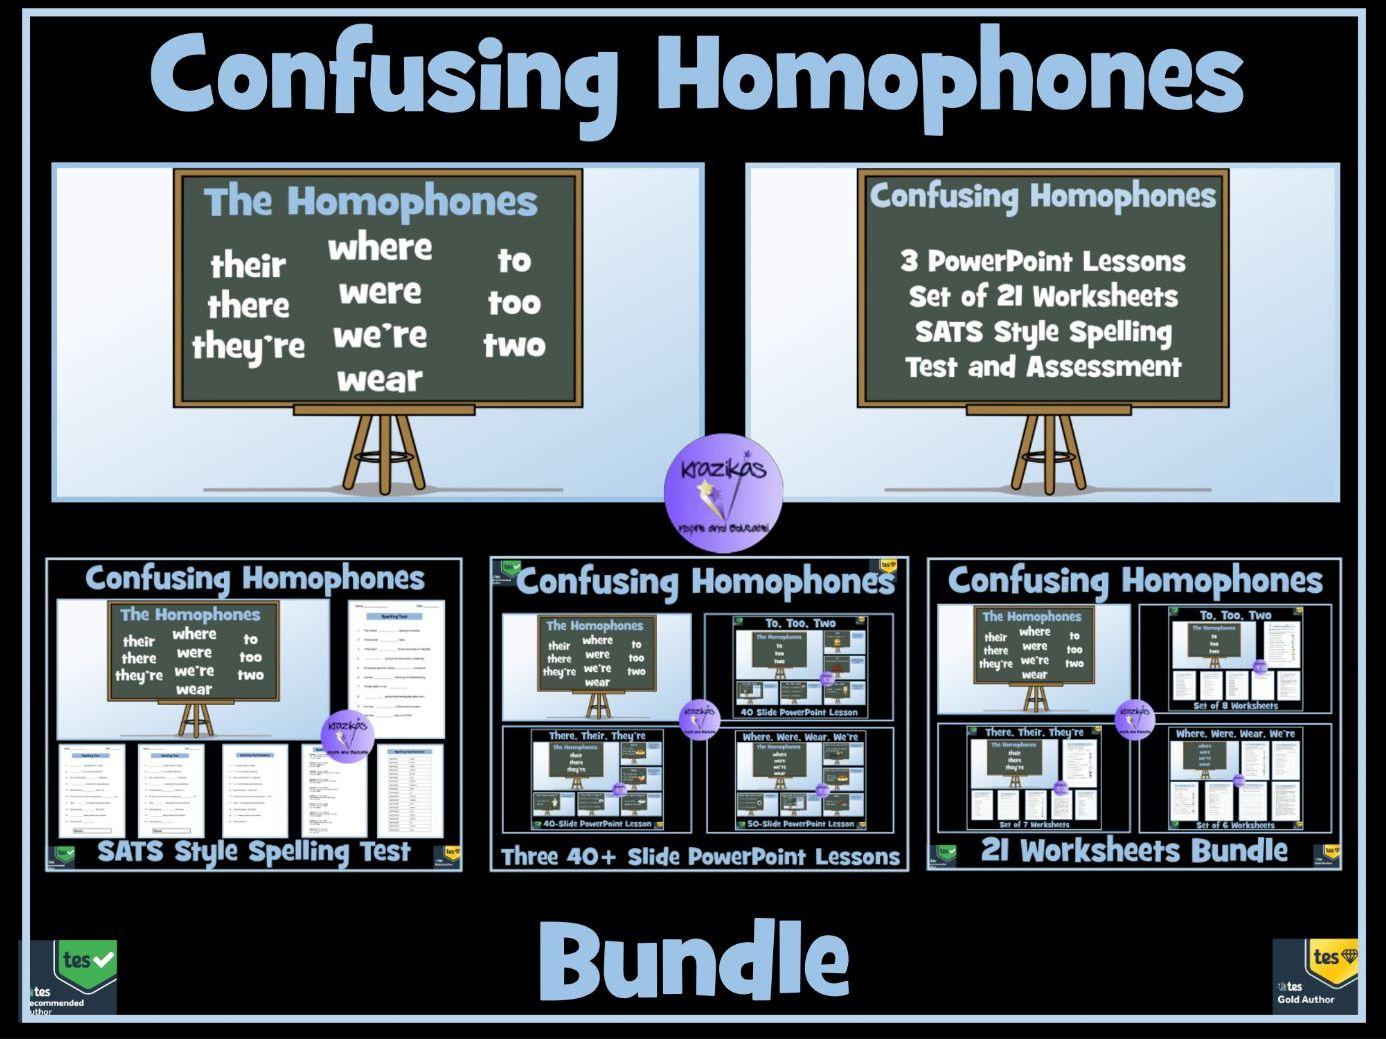 Homophones By Krazikas